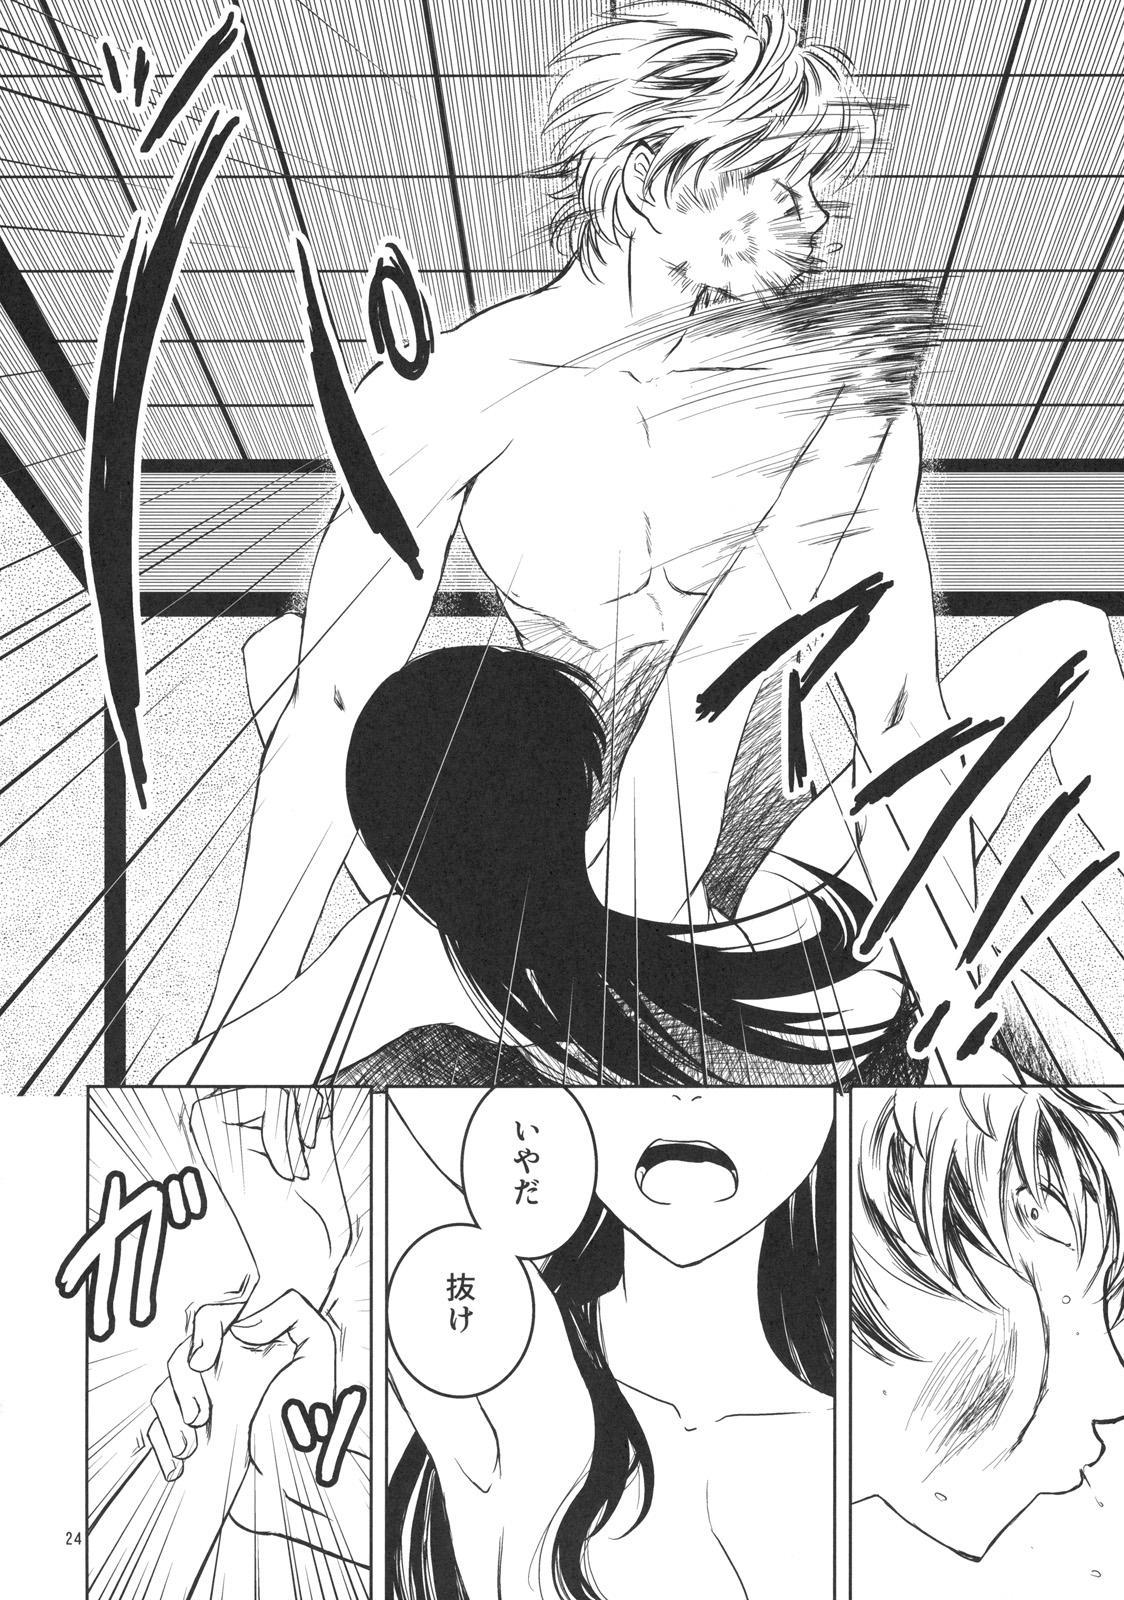 Osananajimi wo Harama Serutatta Hitotsu 22